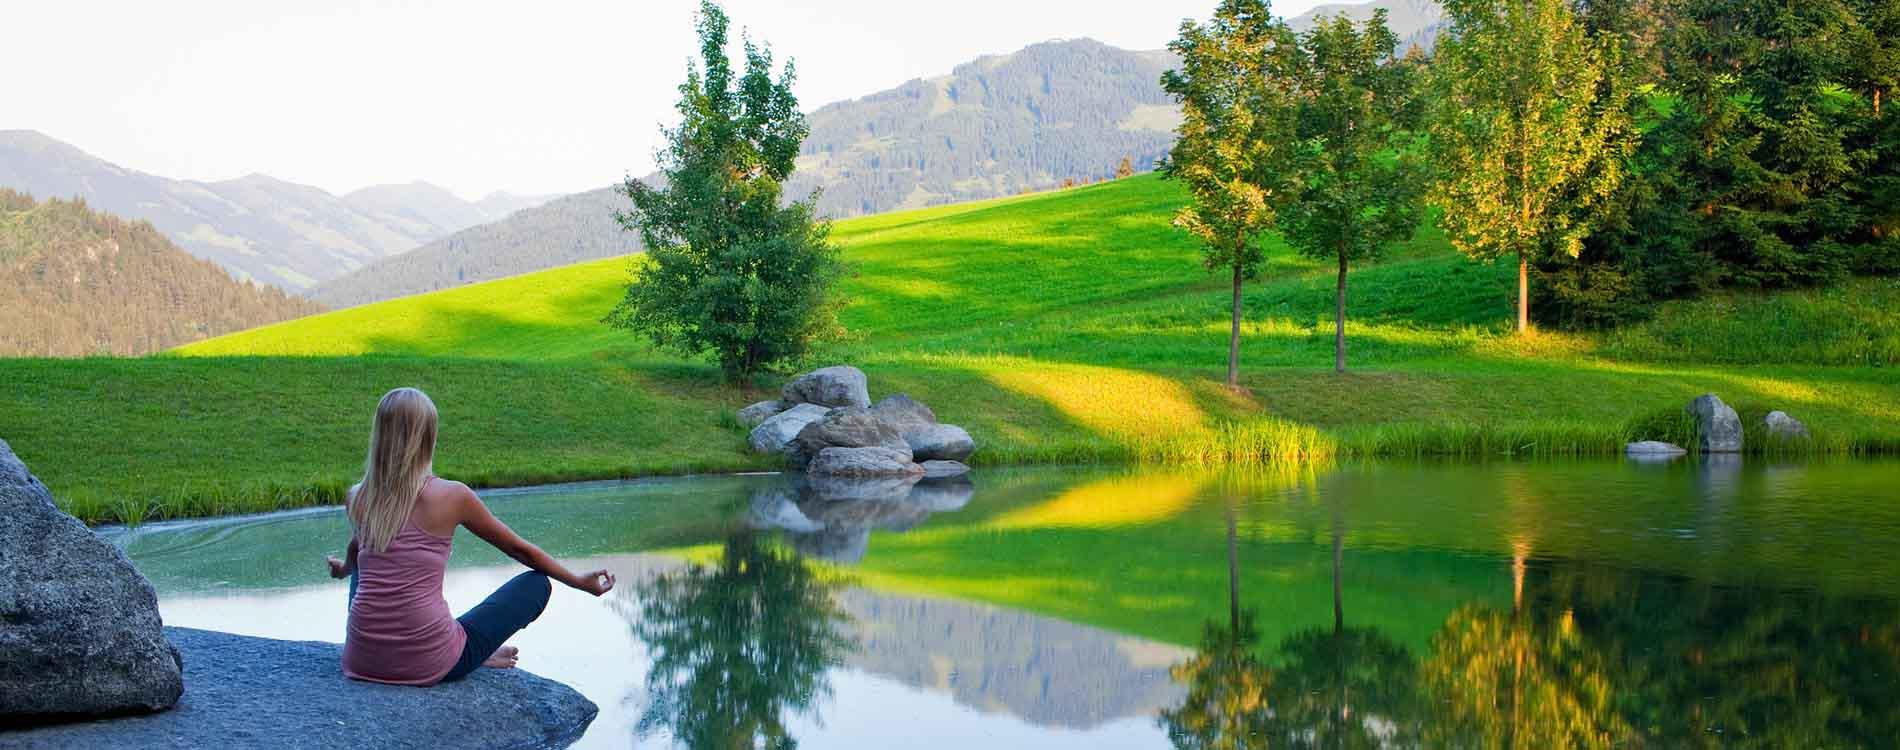 niche destinations Pirchner Hof Reith Tyrol Hildegard von Bingen Easter yoga breaks